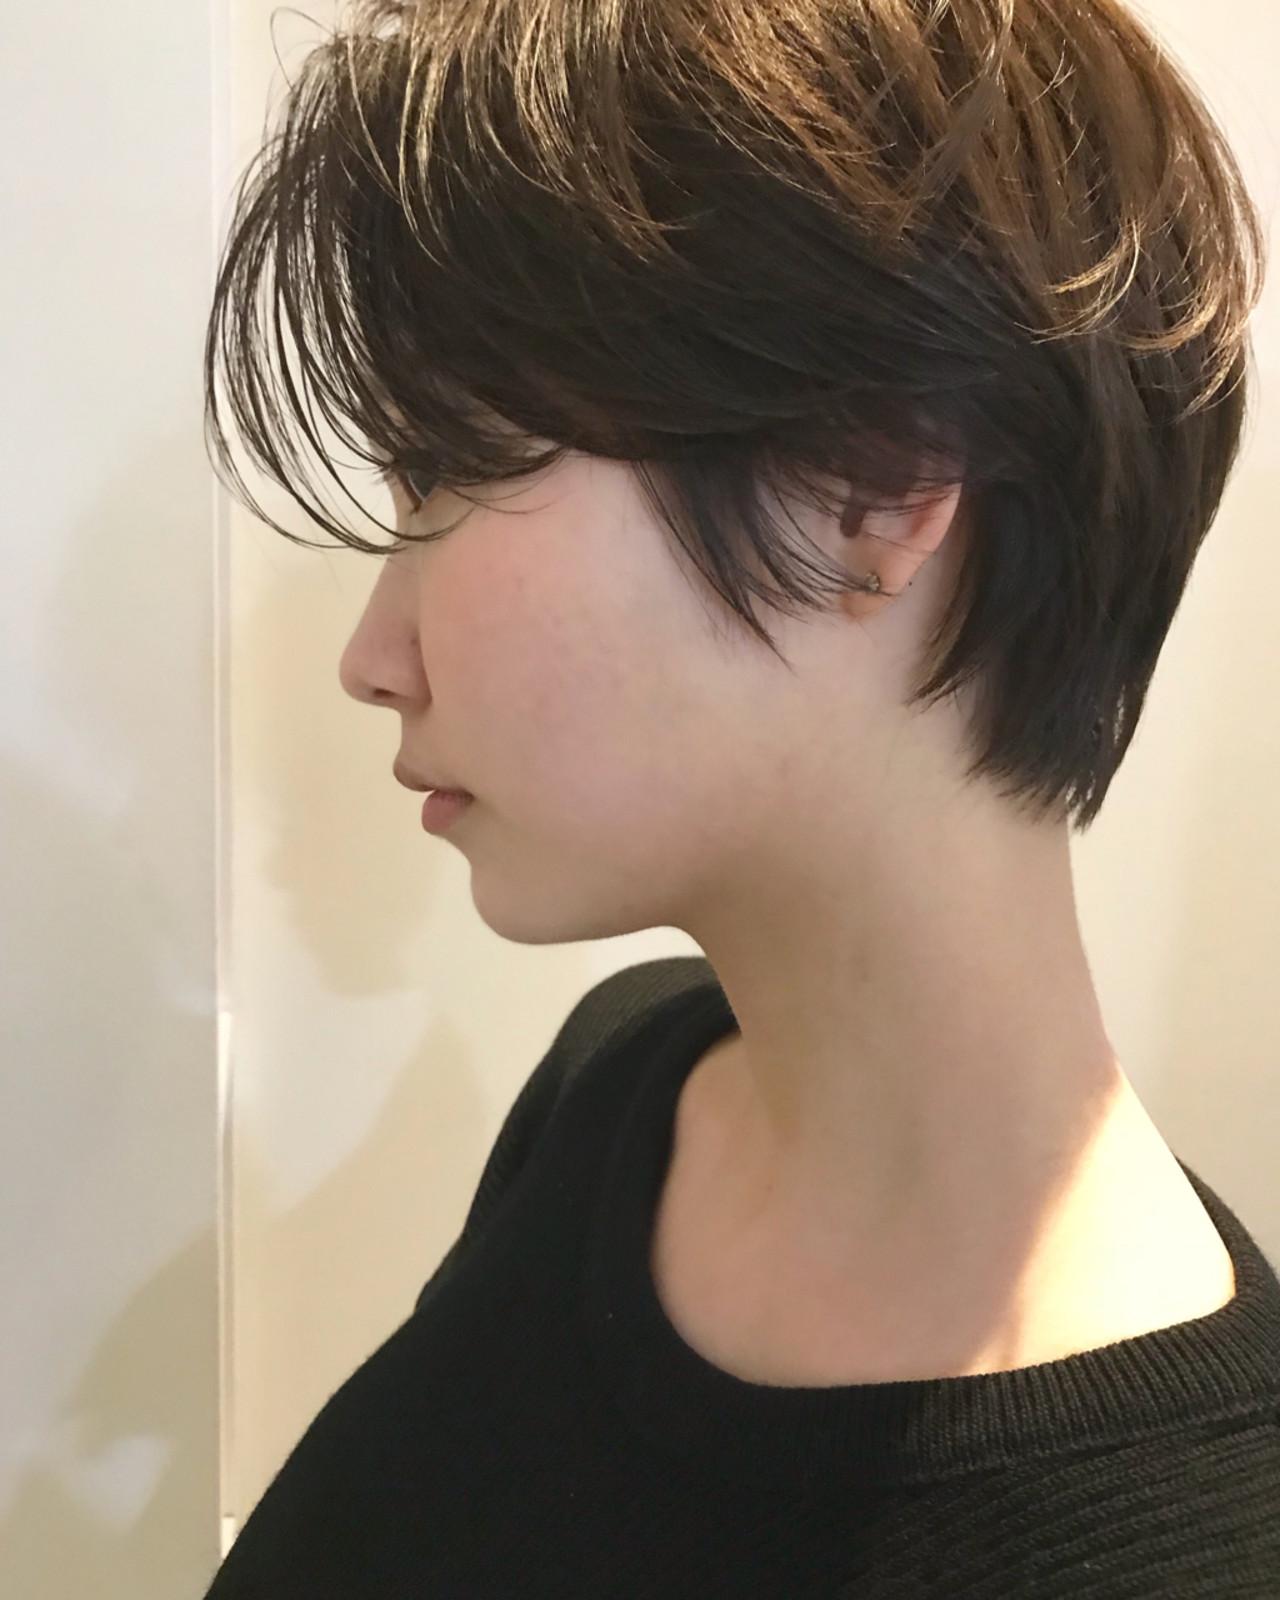 小顔 ナチュラル 簡単ヘアアレンジ 大人かわいい ヘアスタイルや髪型の写真・画像 | 前田賢太 HOULe 表参道 / HOULe